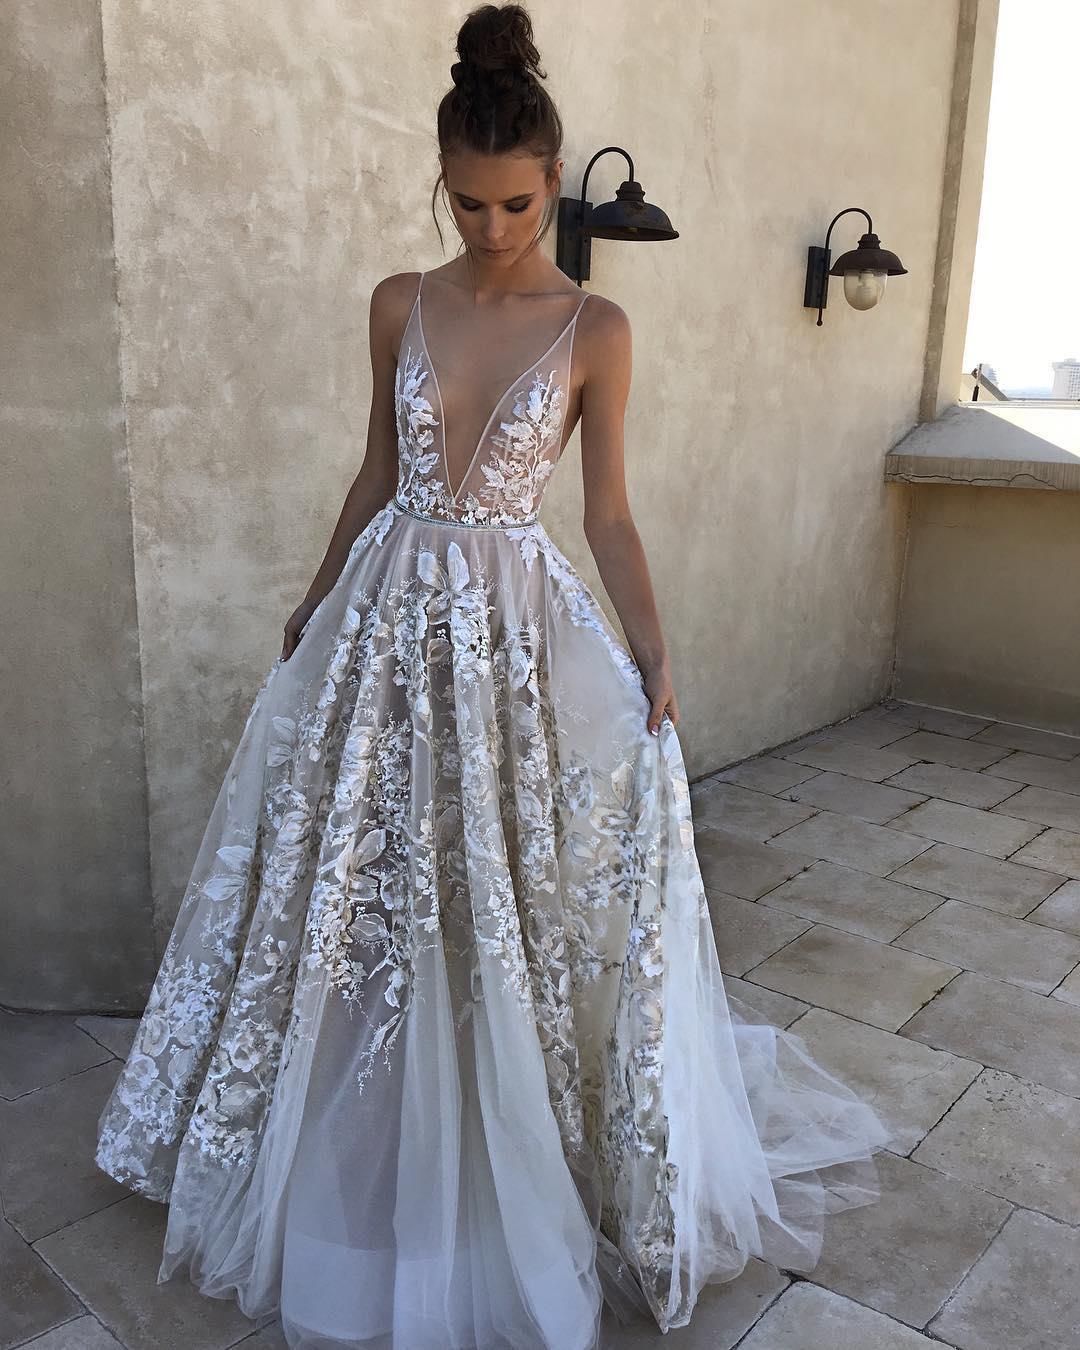 Das Traumkleid für Ihre Hochzeit ist in Pastellfarben